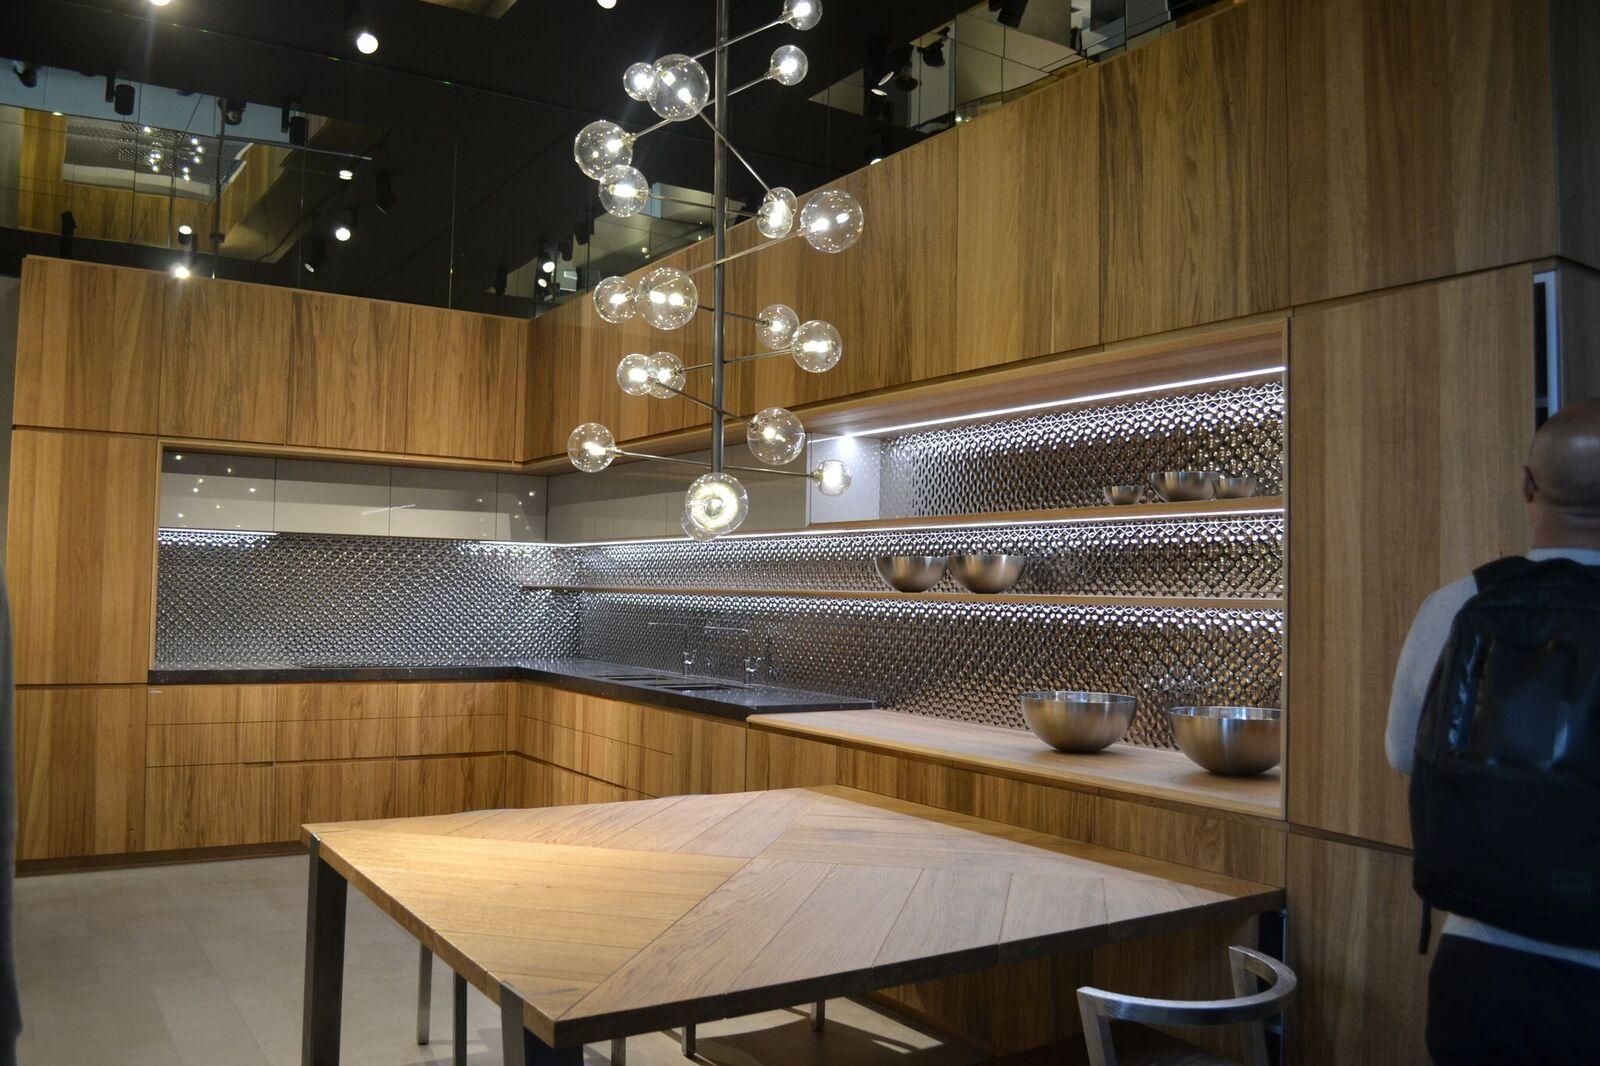 agencement cuisine salon eurocucina